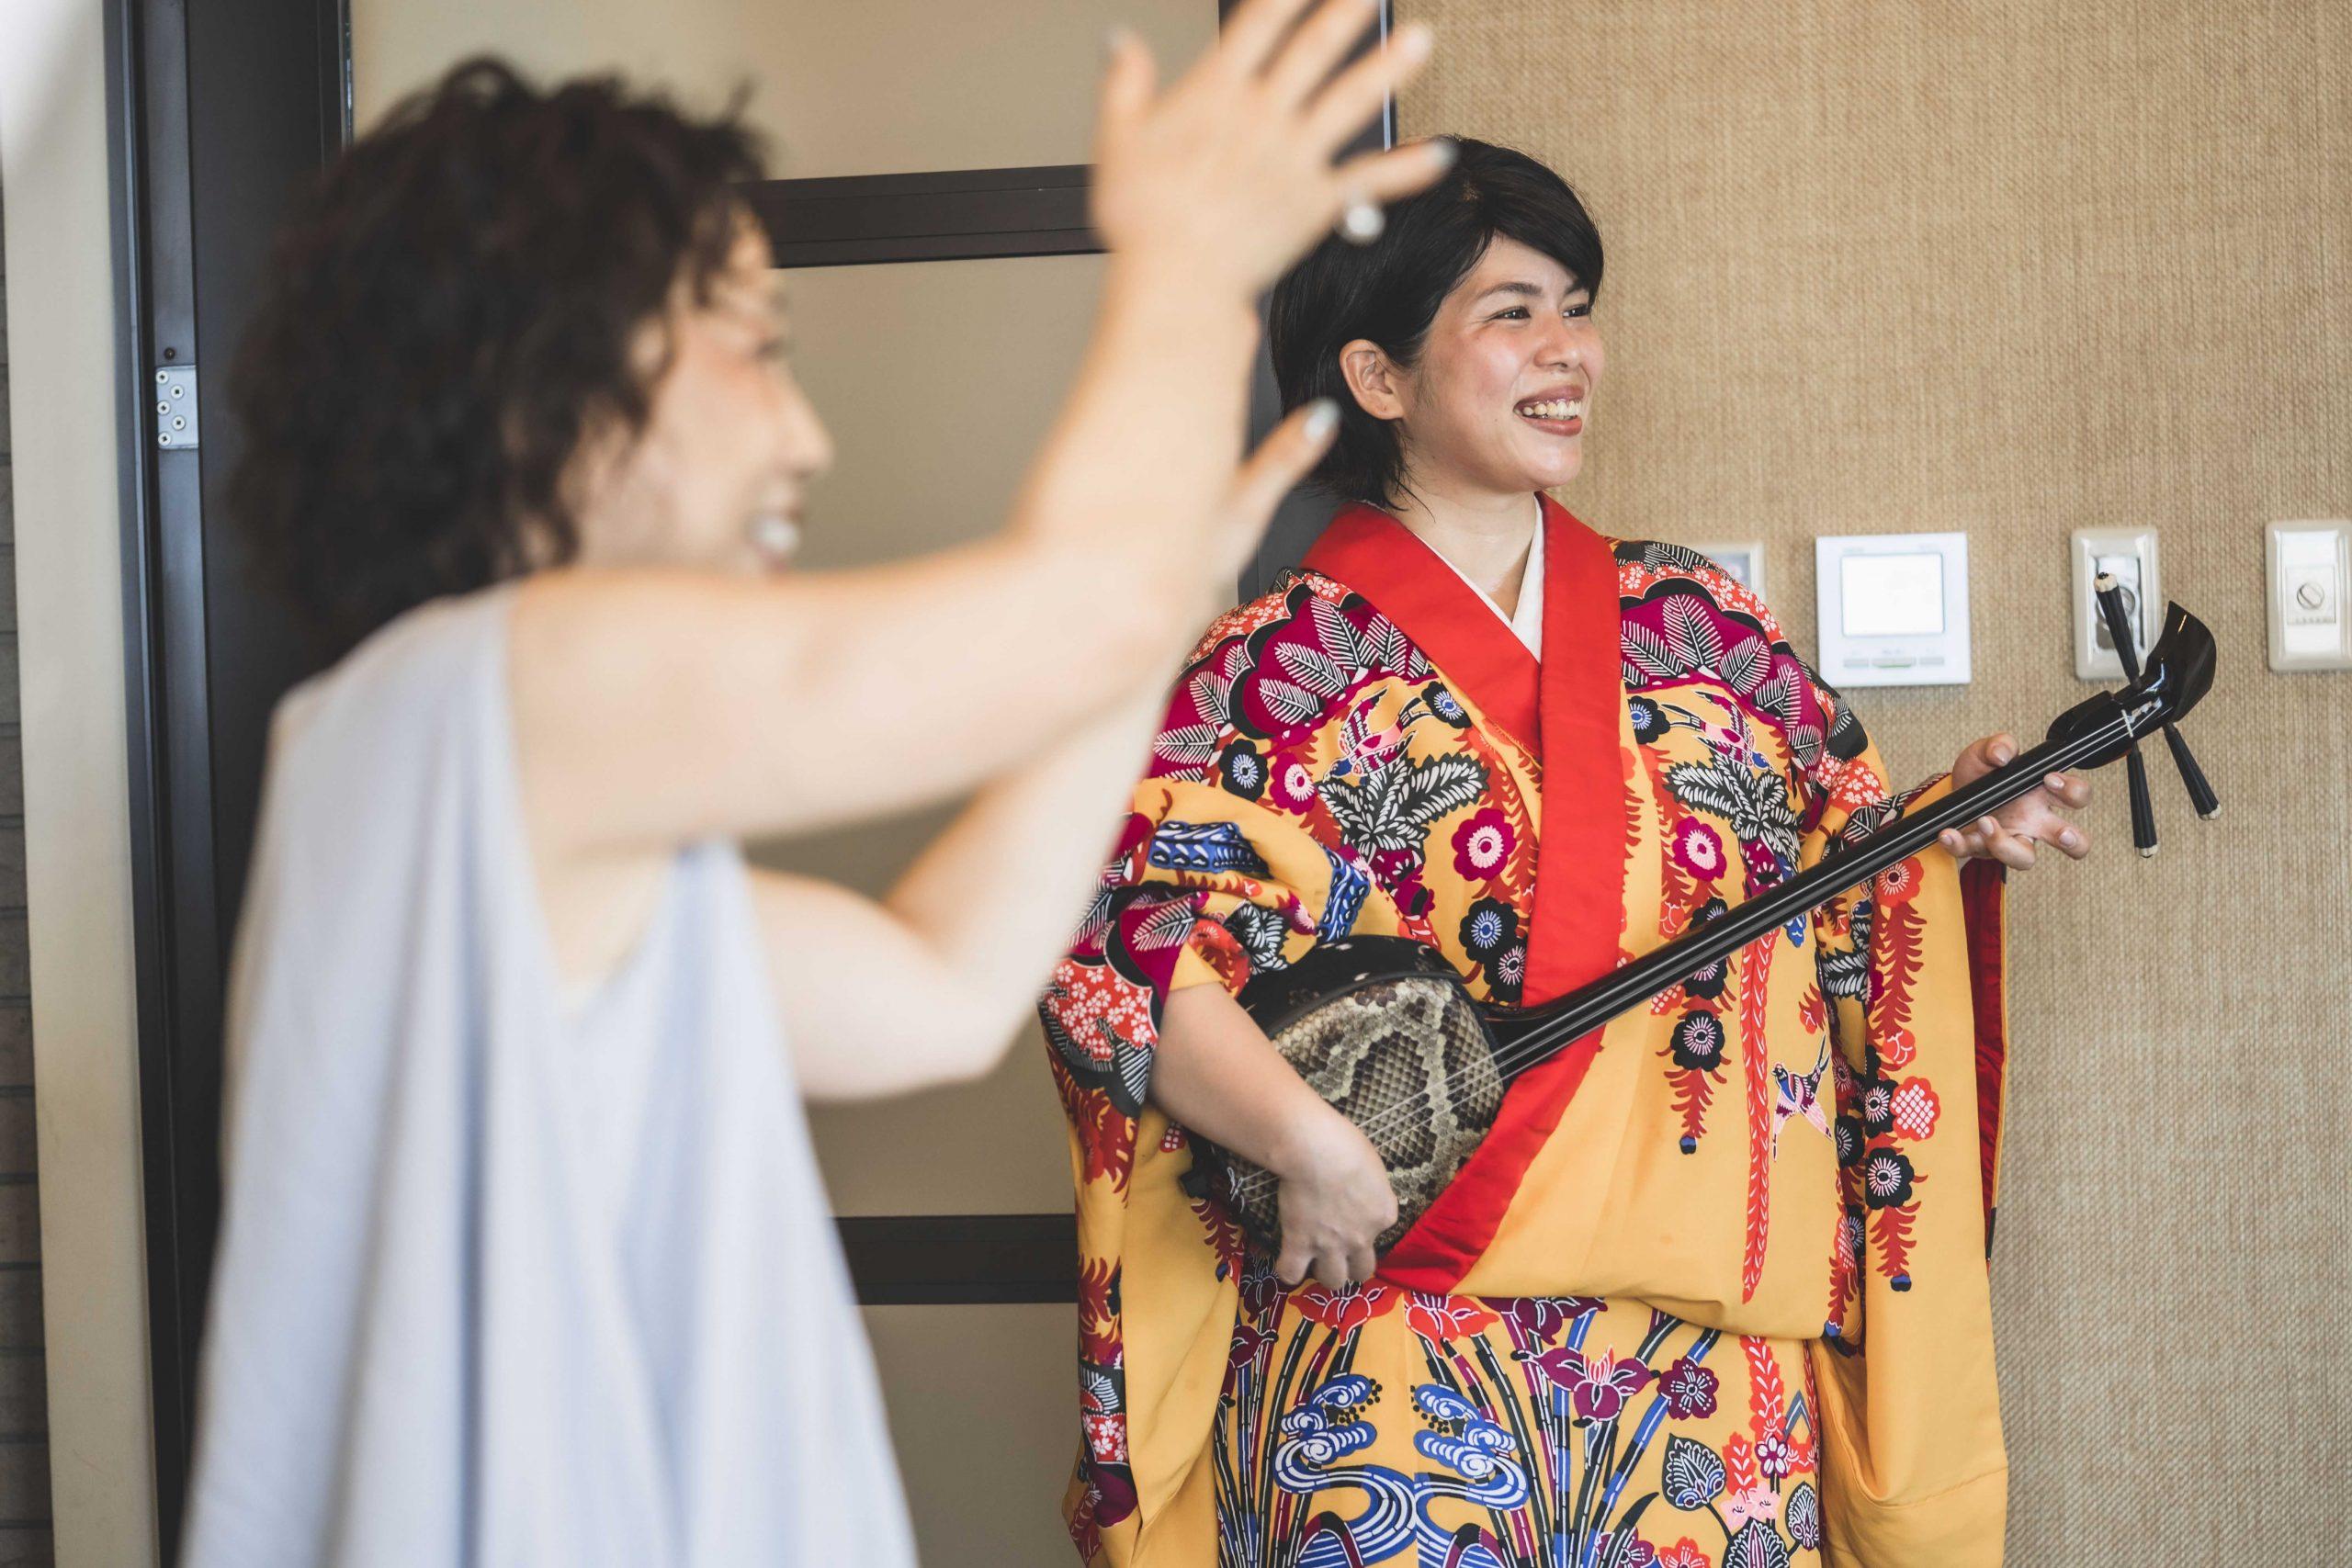 結婚式の締めは沖縄のカチャーシー